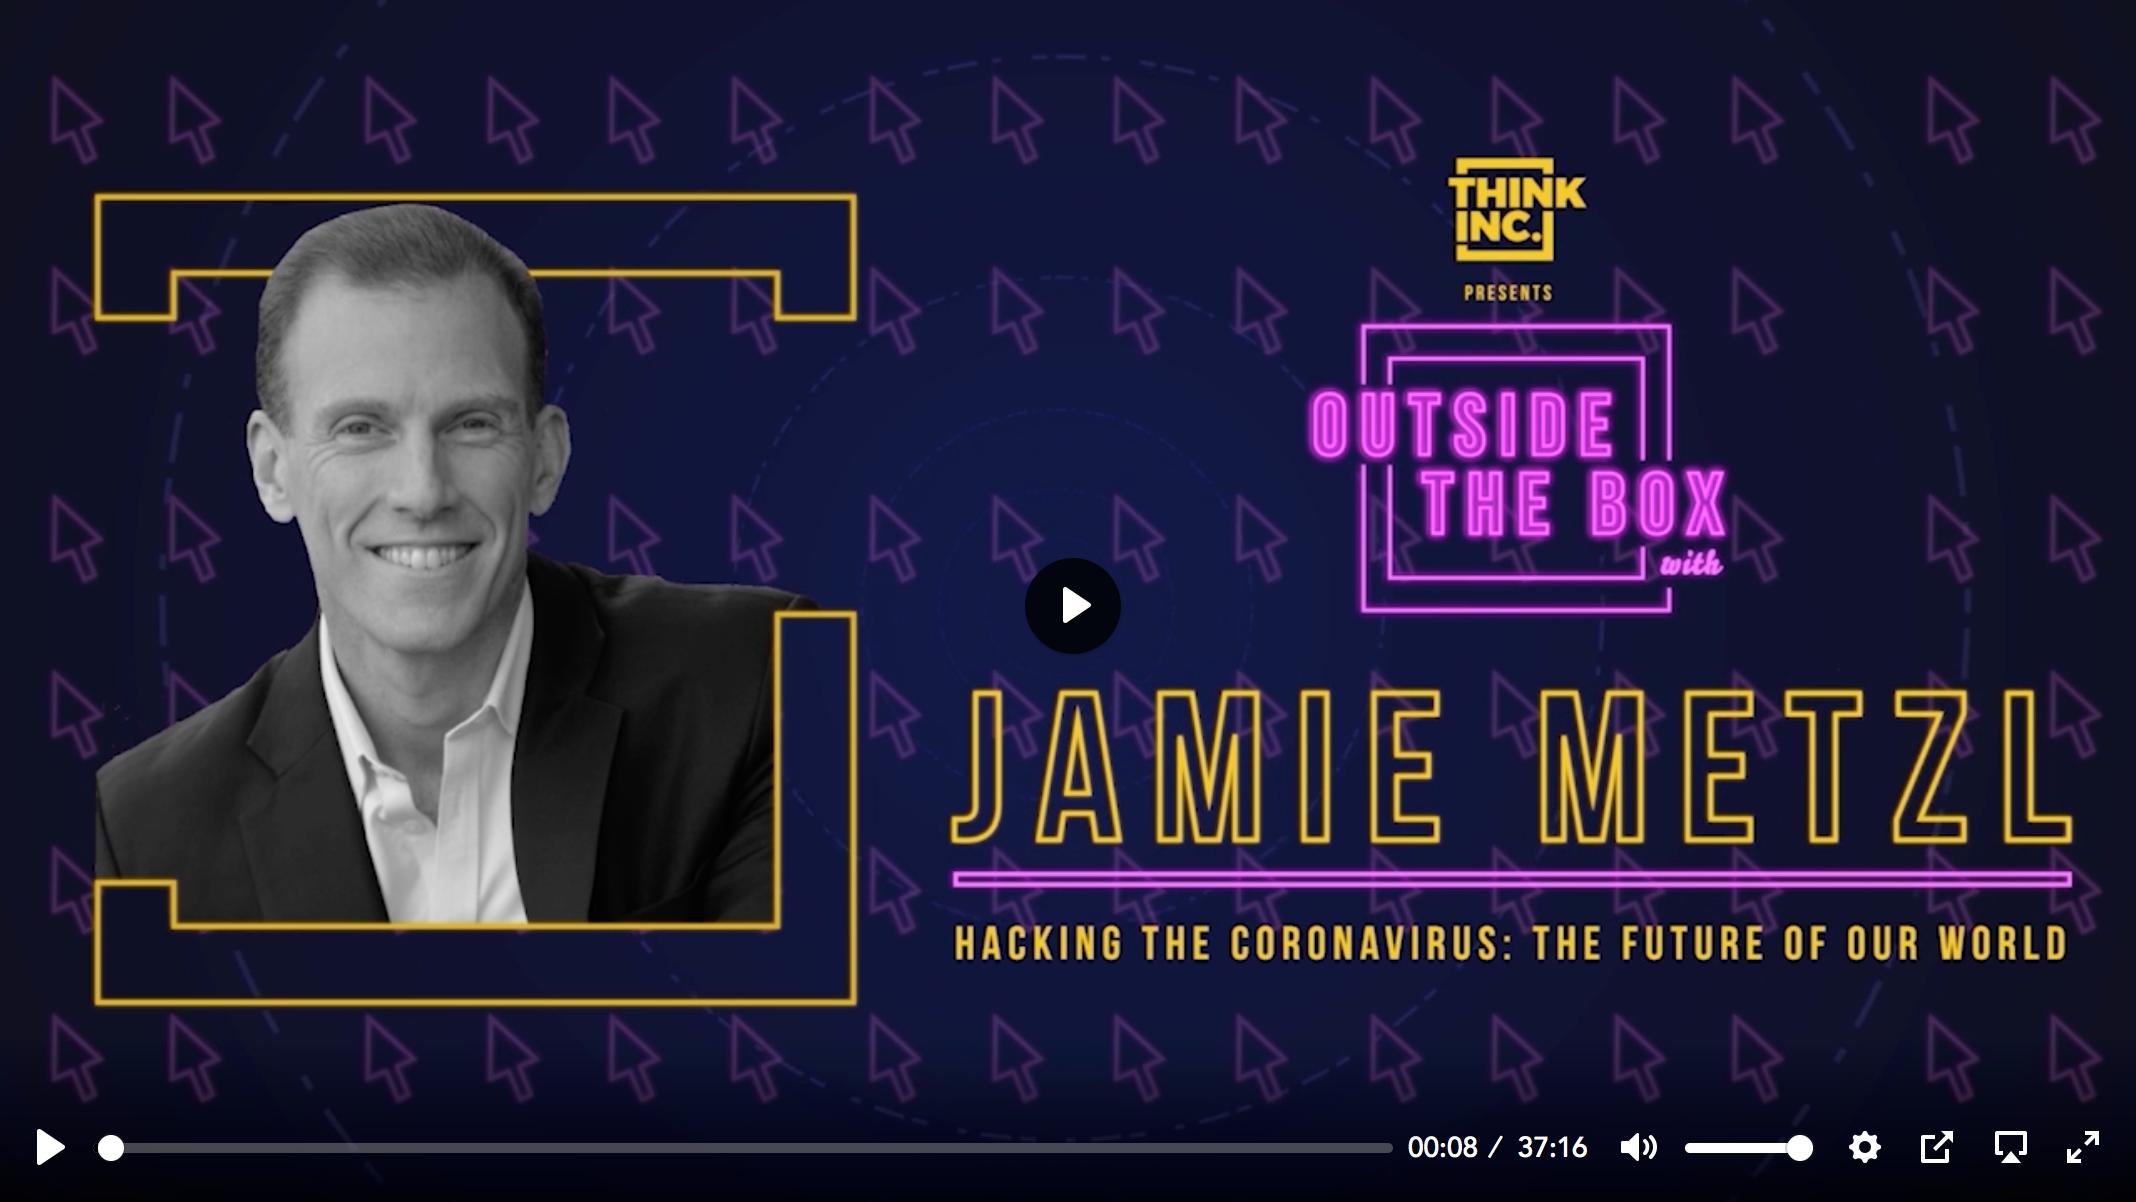 Hacking The Coronavirus With Jamie Metzl   Think Inc.